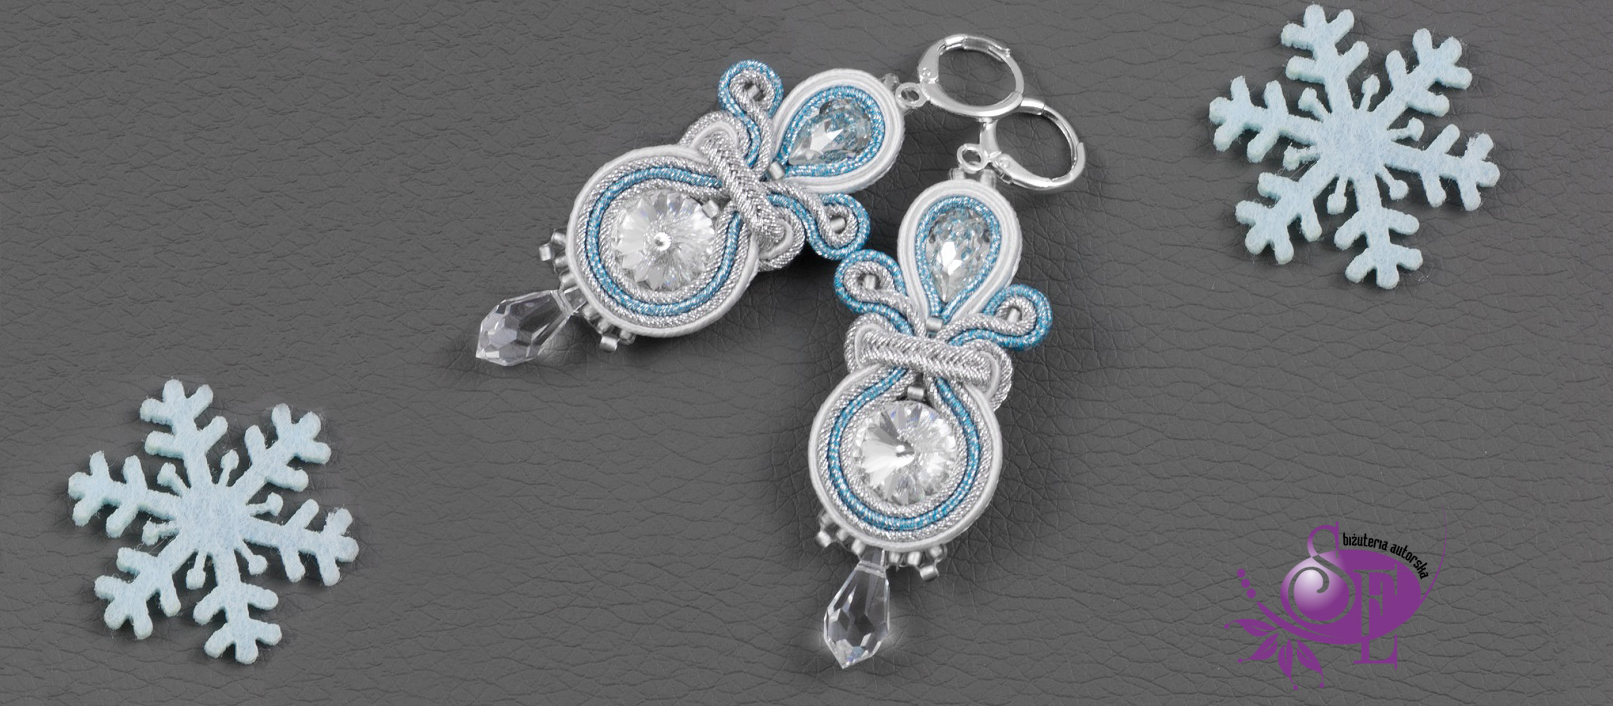 Biżuteria sutasz w bożonarodzeniowcyh stylizacjach